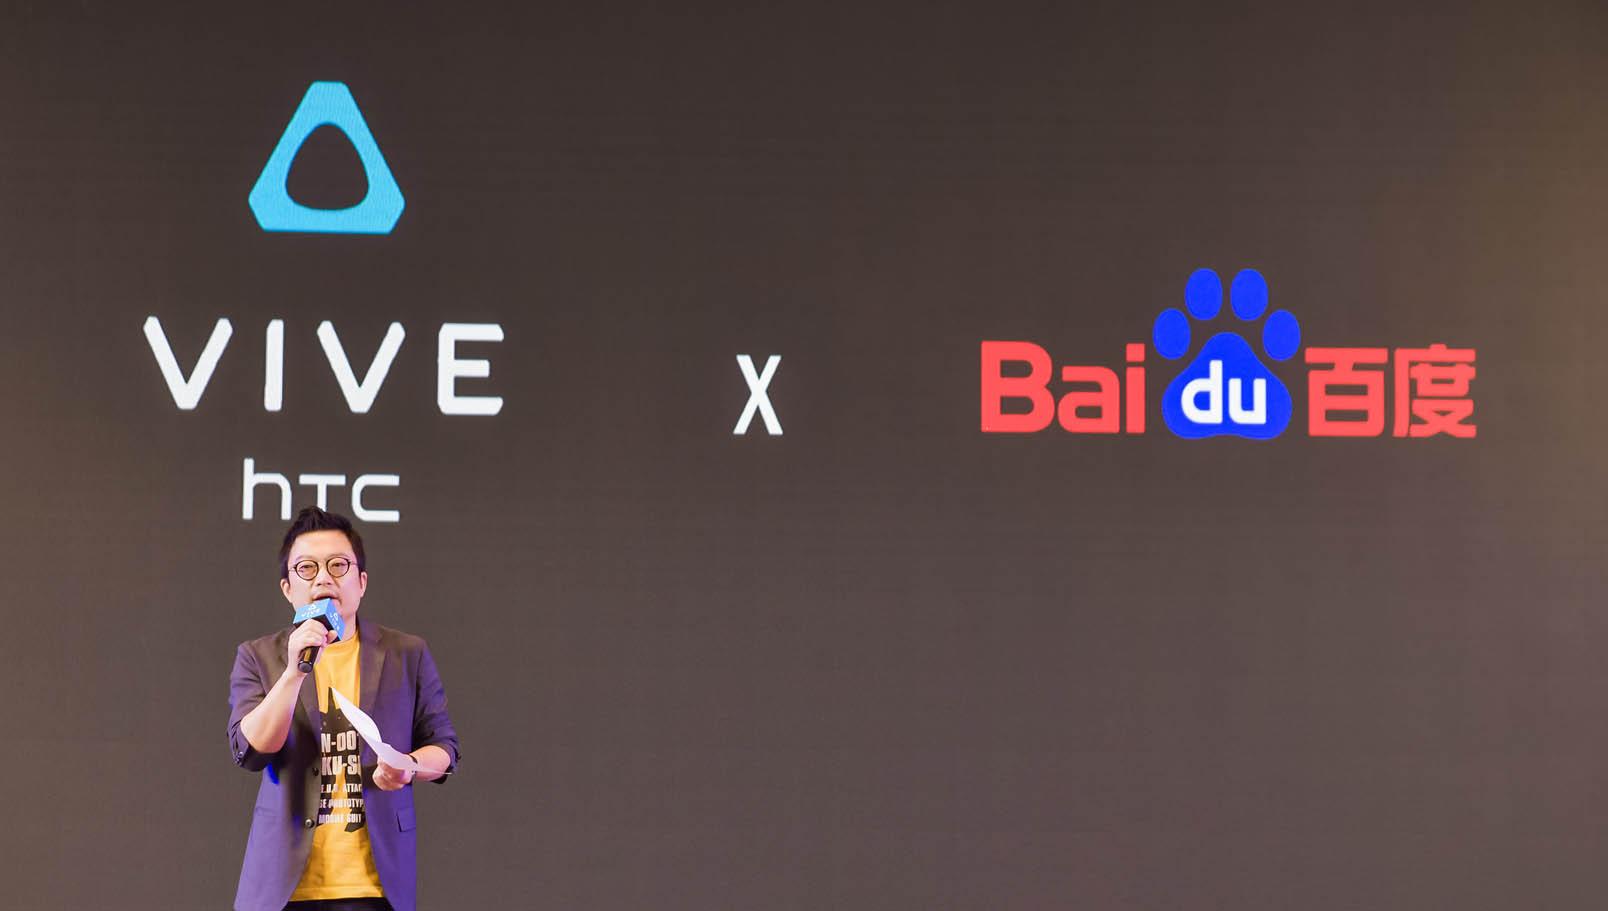 百度VR携手HTC VIVE,探索线上活动未来新方向